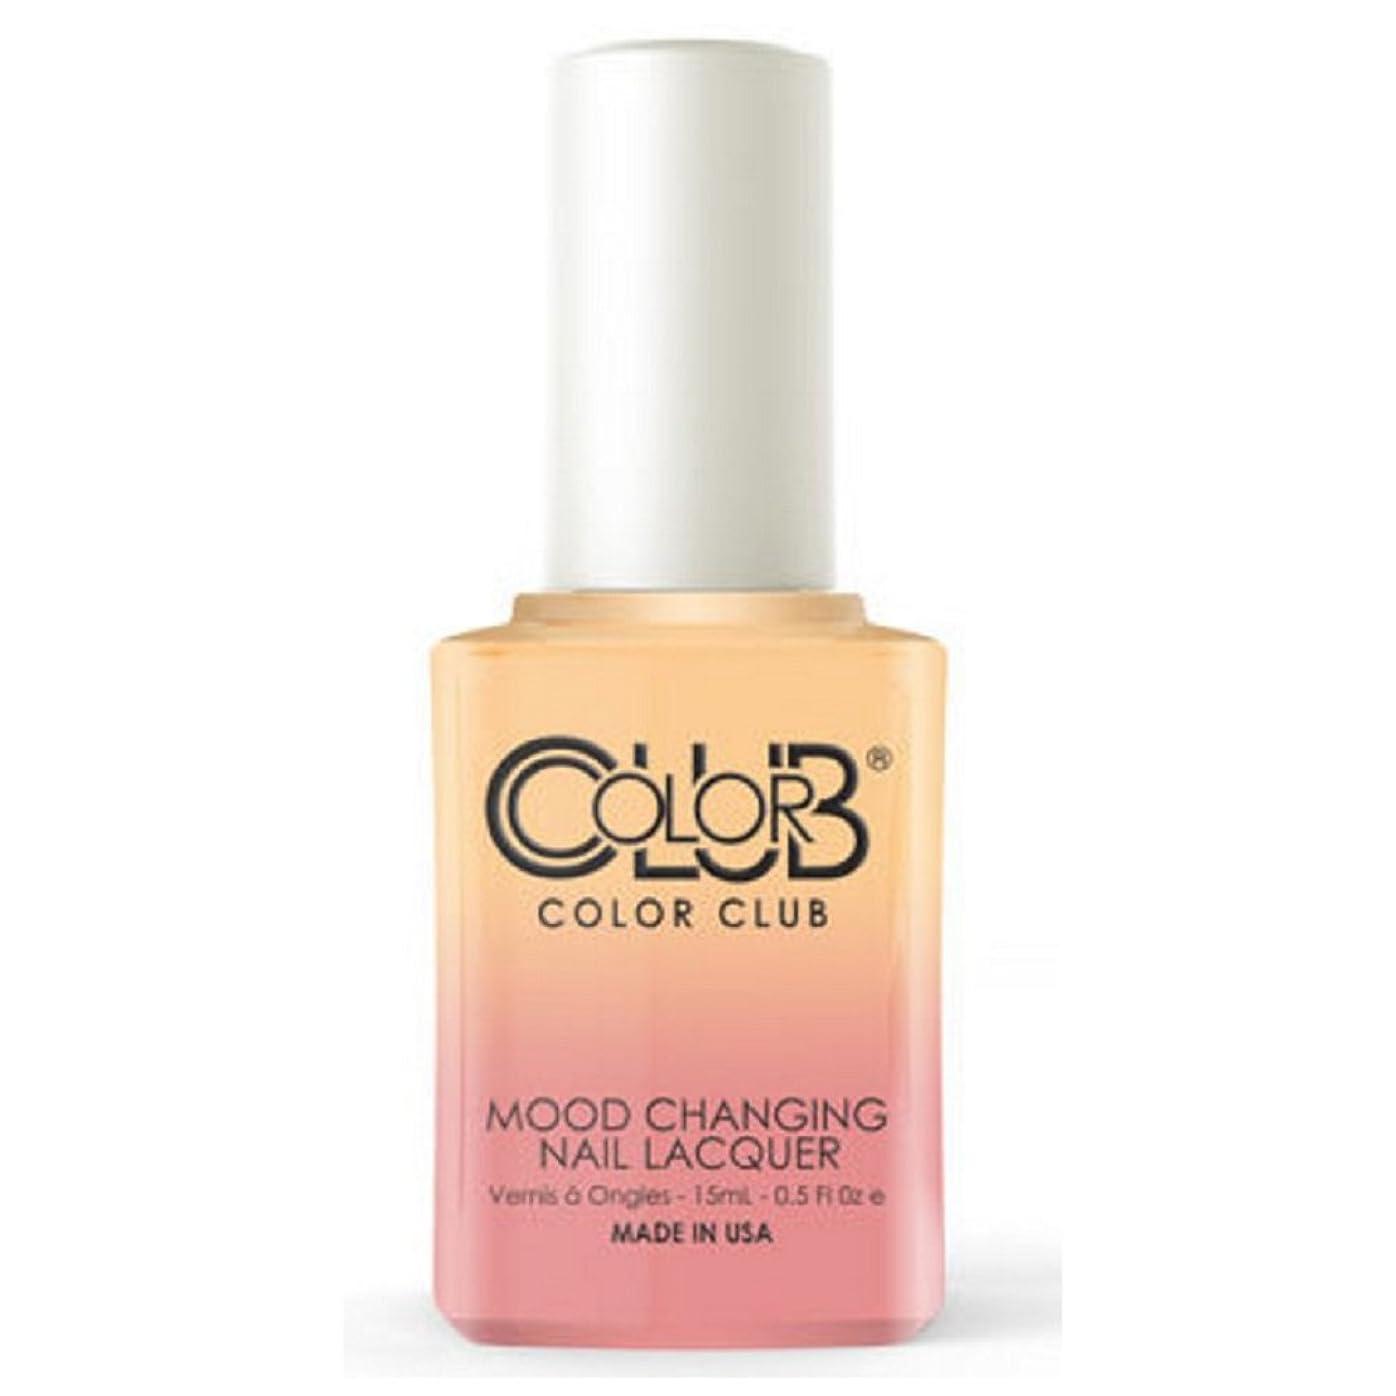 不屈冷淡なのぞき見Color Club Mood Changing Nail Lacquer - Happy Go Lucky - 15 mL / 0.5 fl oz